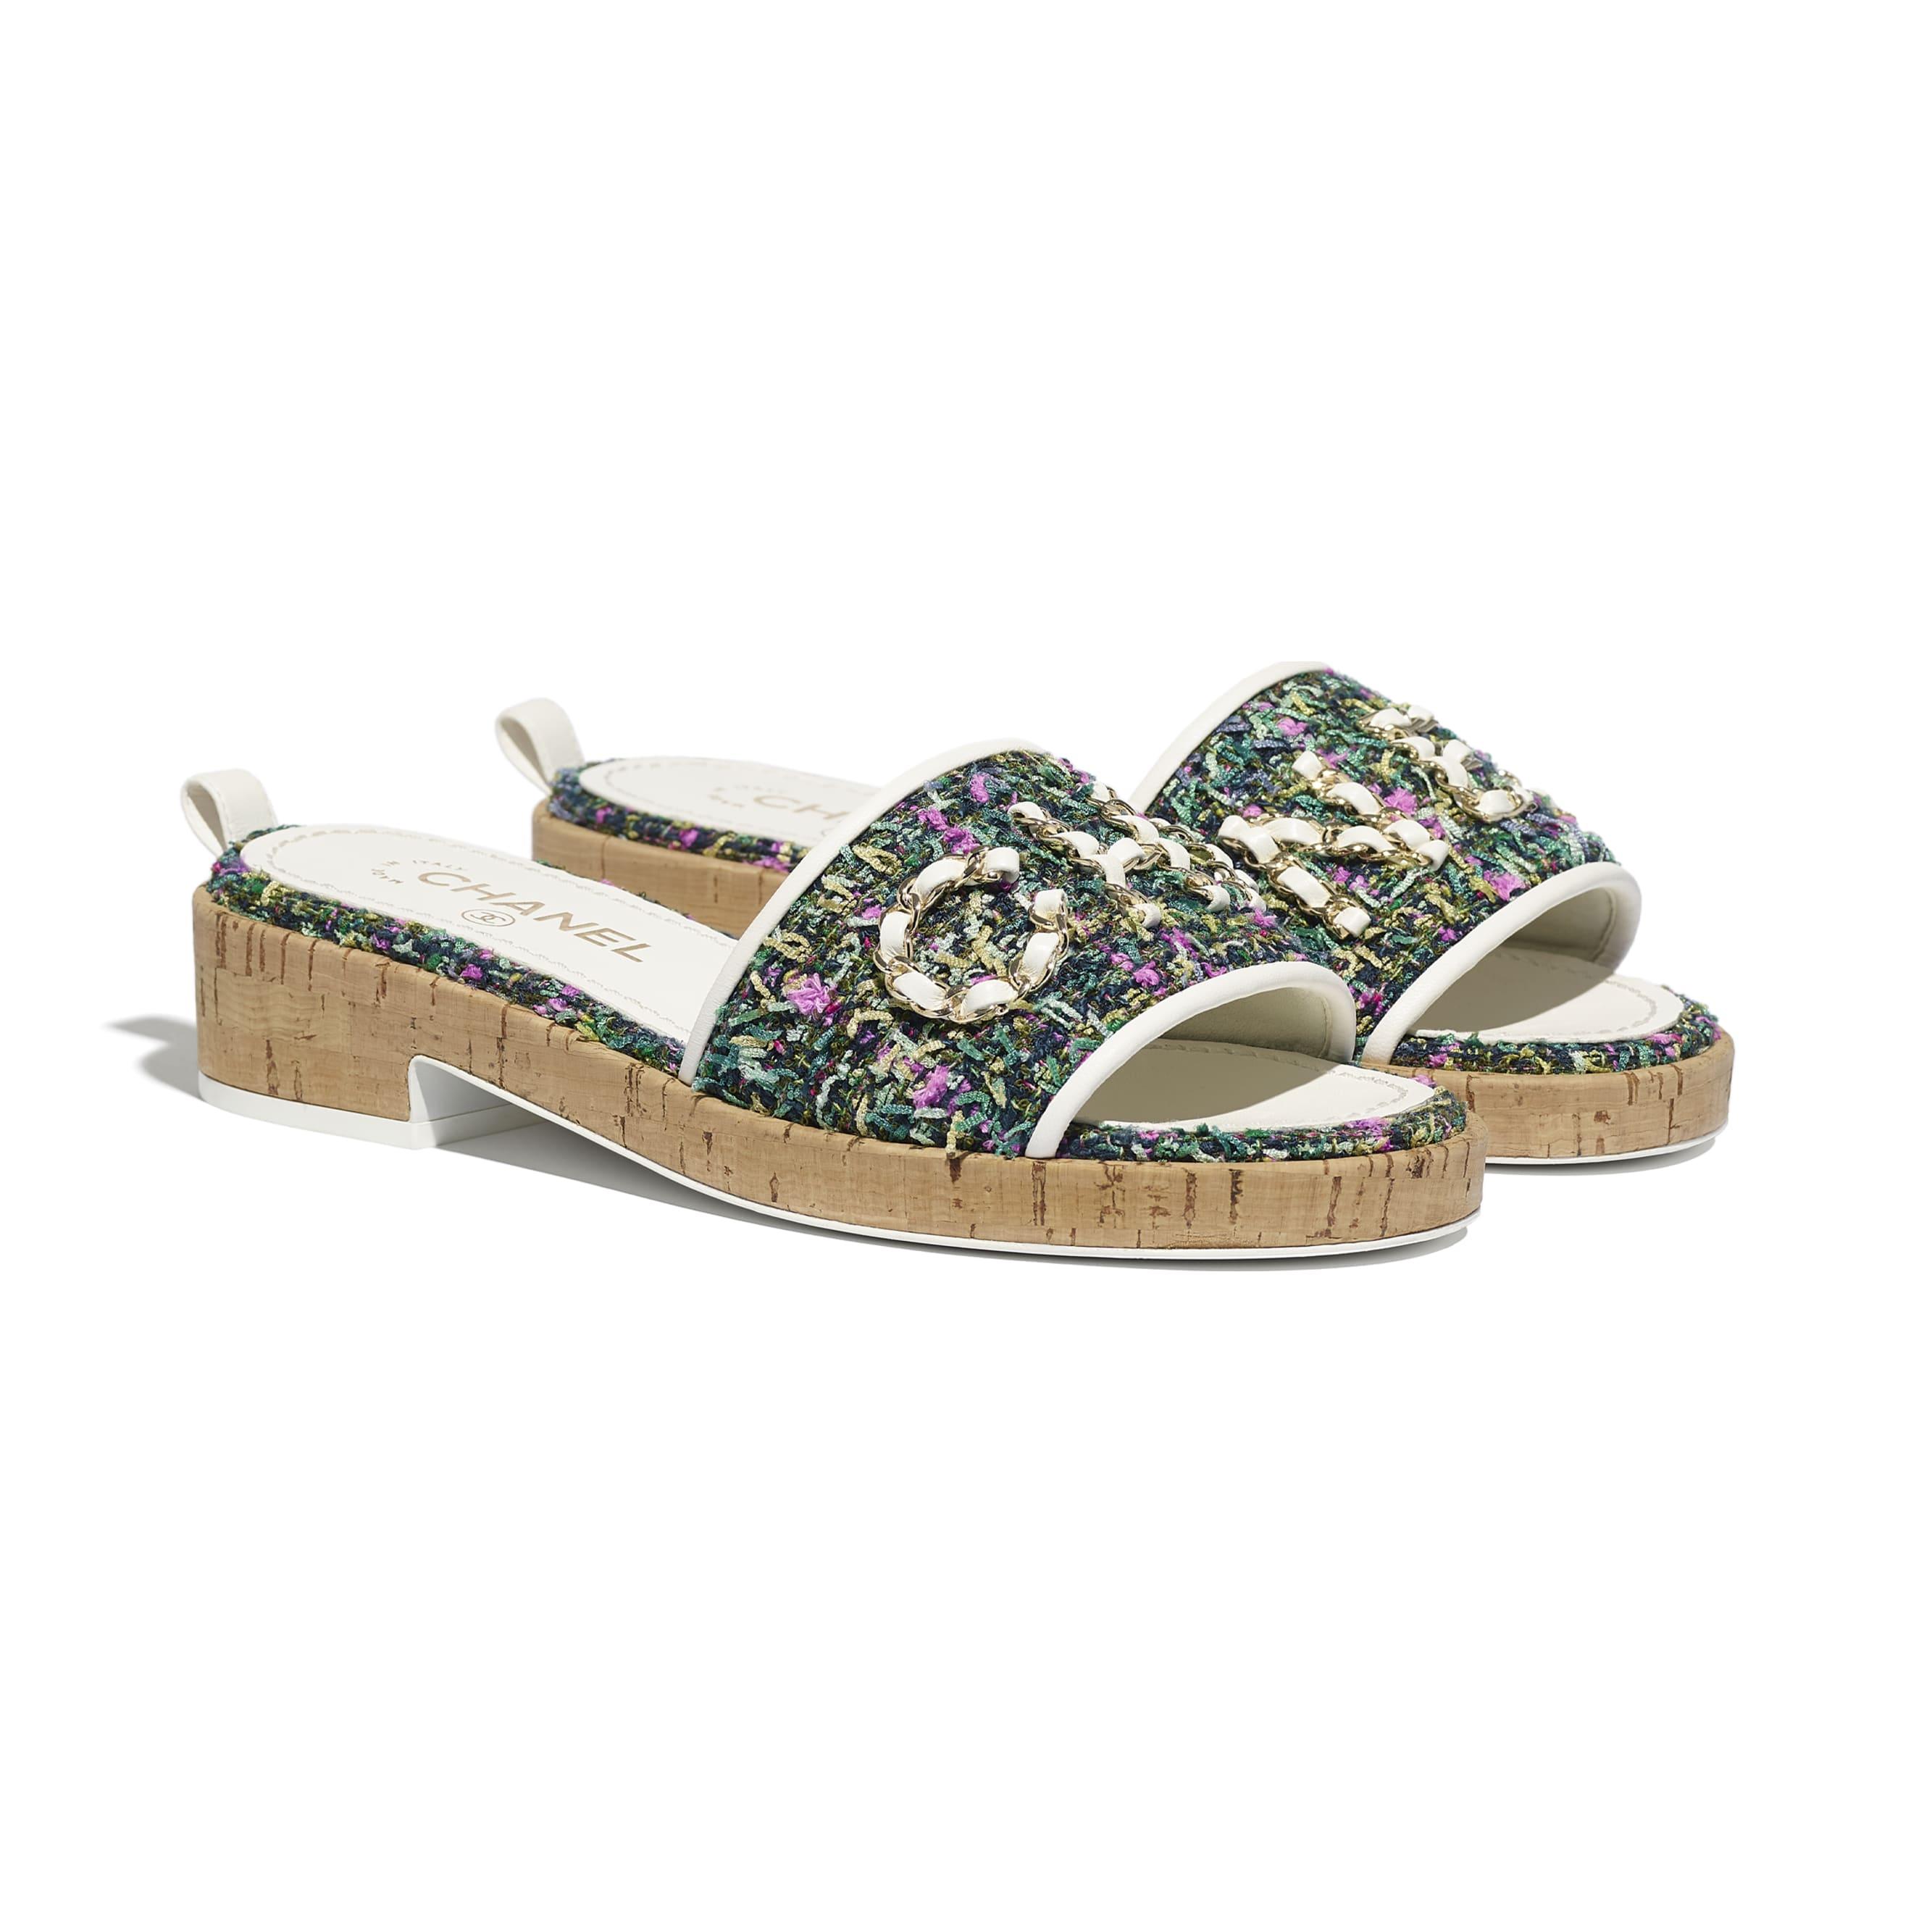 รองเท้าสวมเปิดส้น - สีเขียว สีชมพู และสีเหลือง - ผ้าทวีต - CHANEL - มุมมองทางอื่น - ดูเวอร์ชันขนาดมาตรฐาน